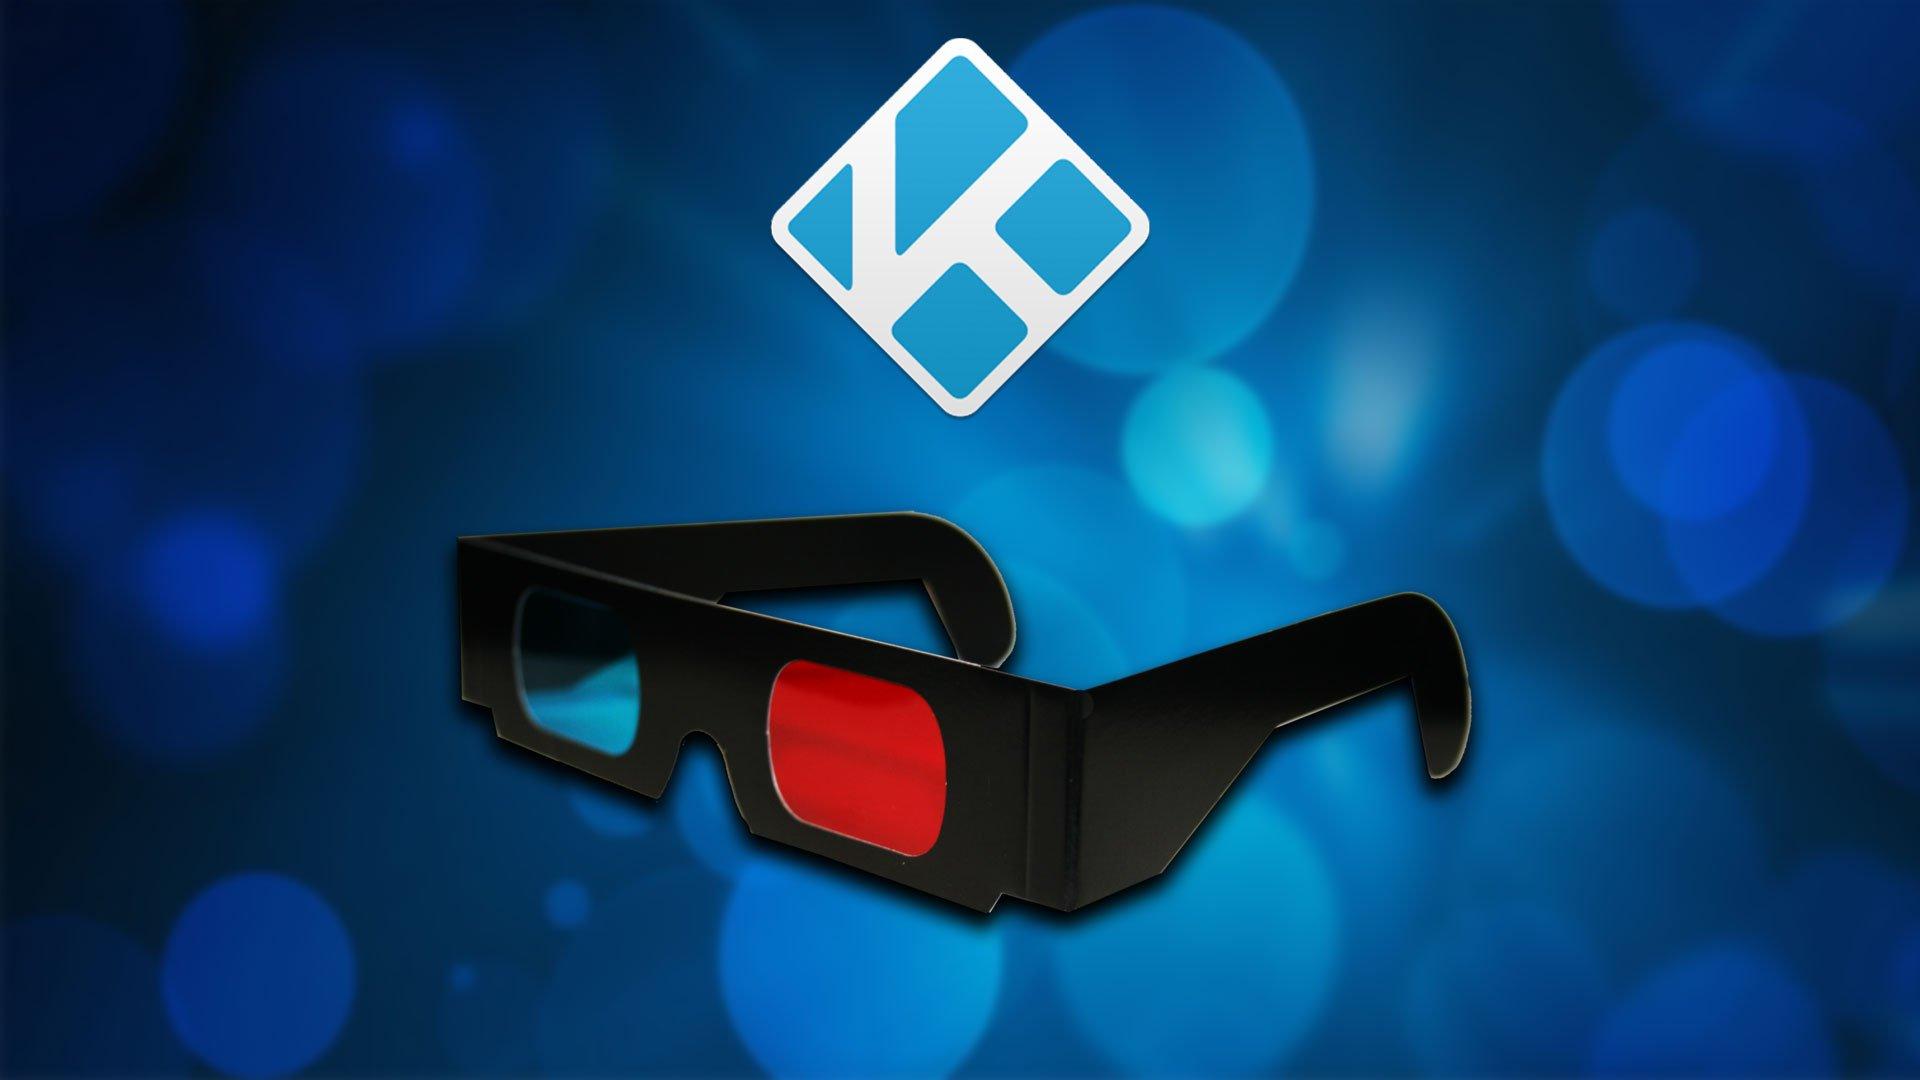 Kodi 4K 3D Movies